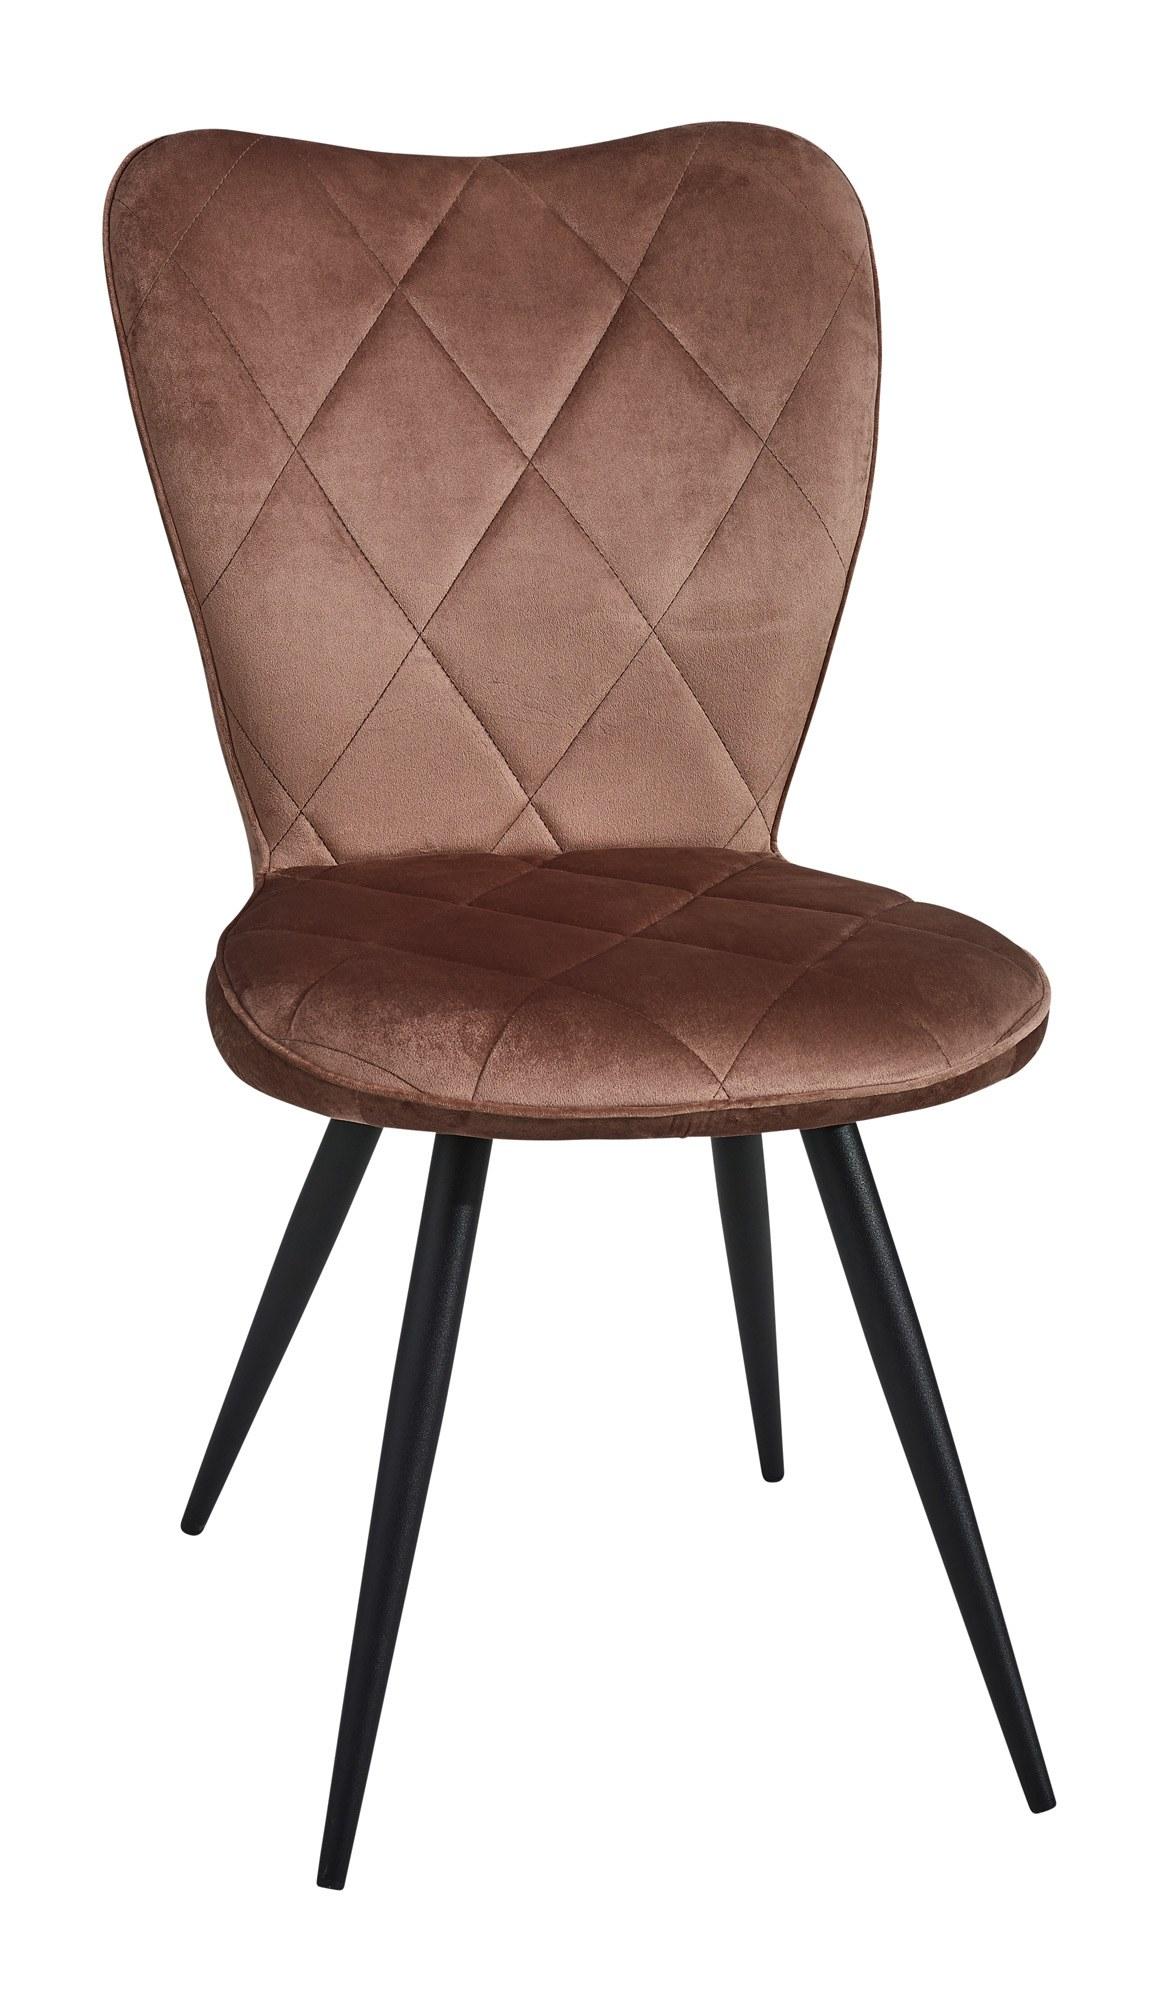 chaise velour séraphine pied métal